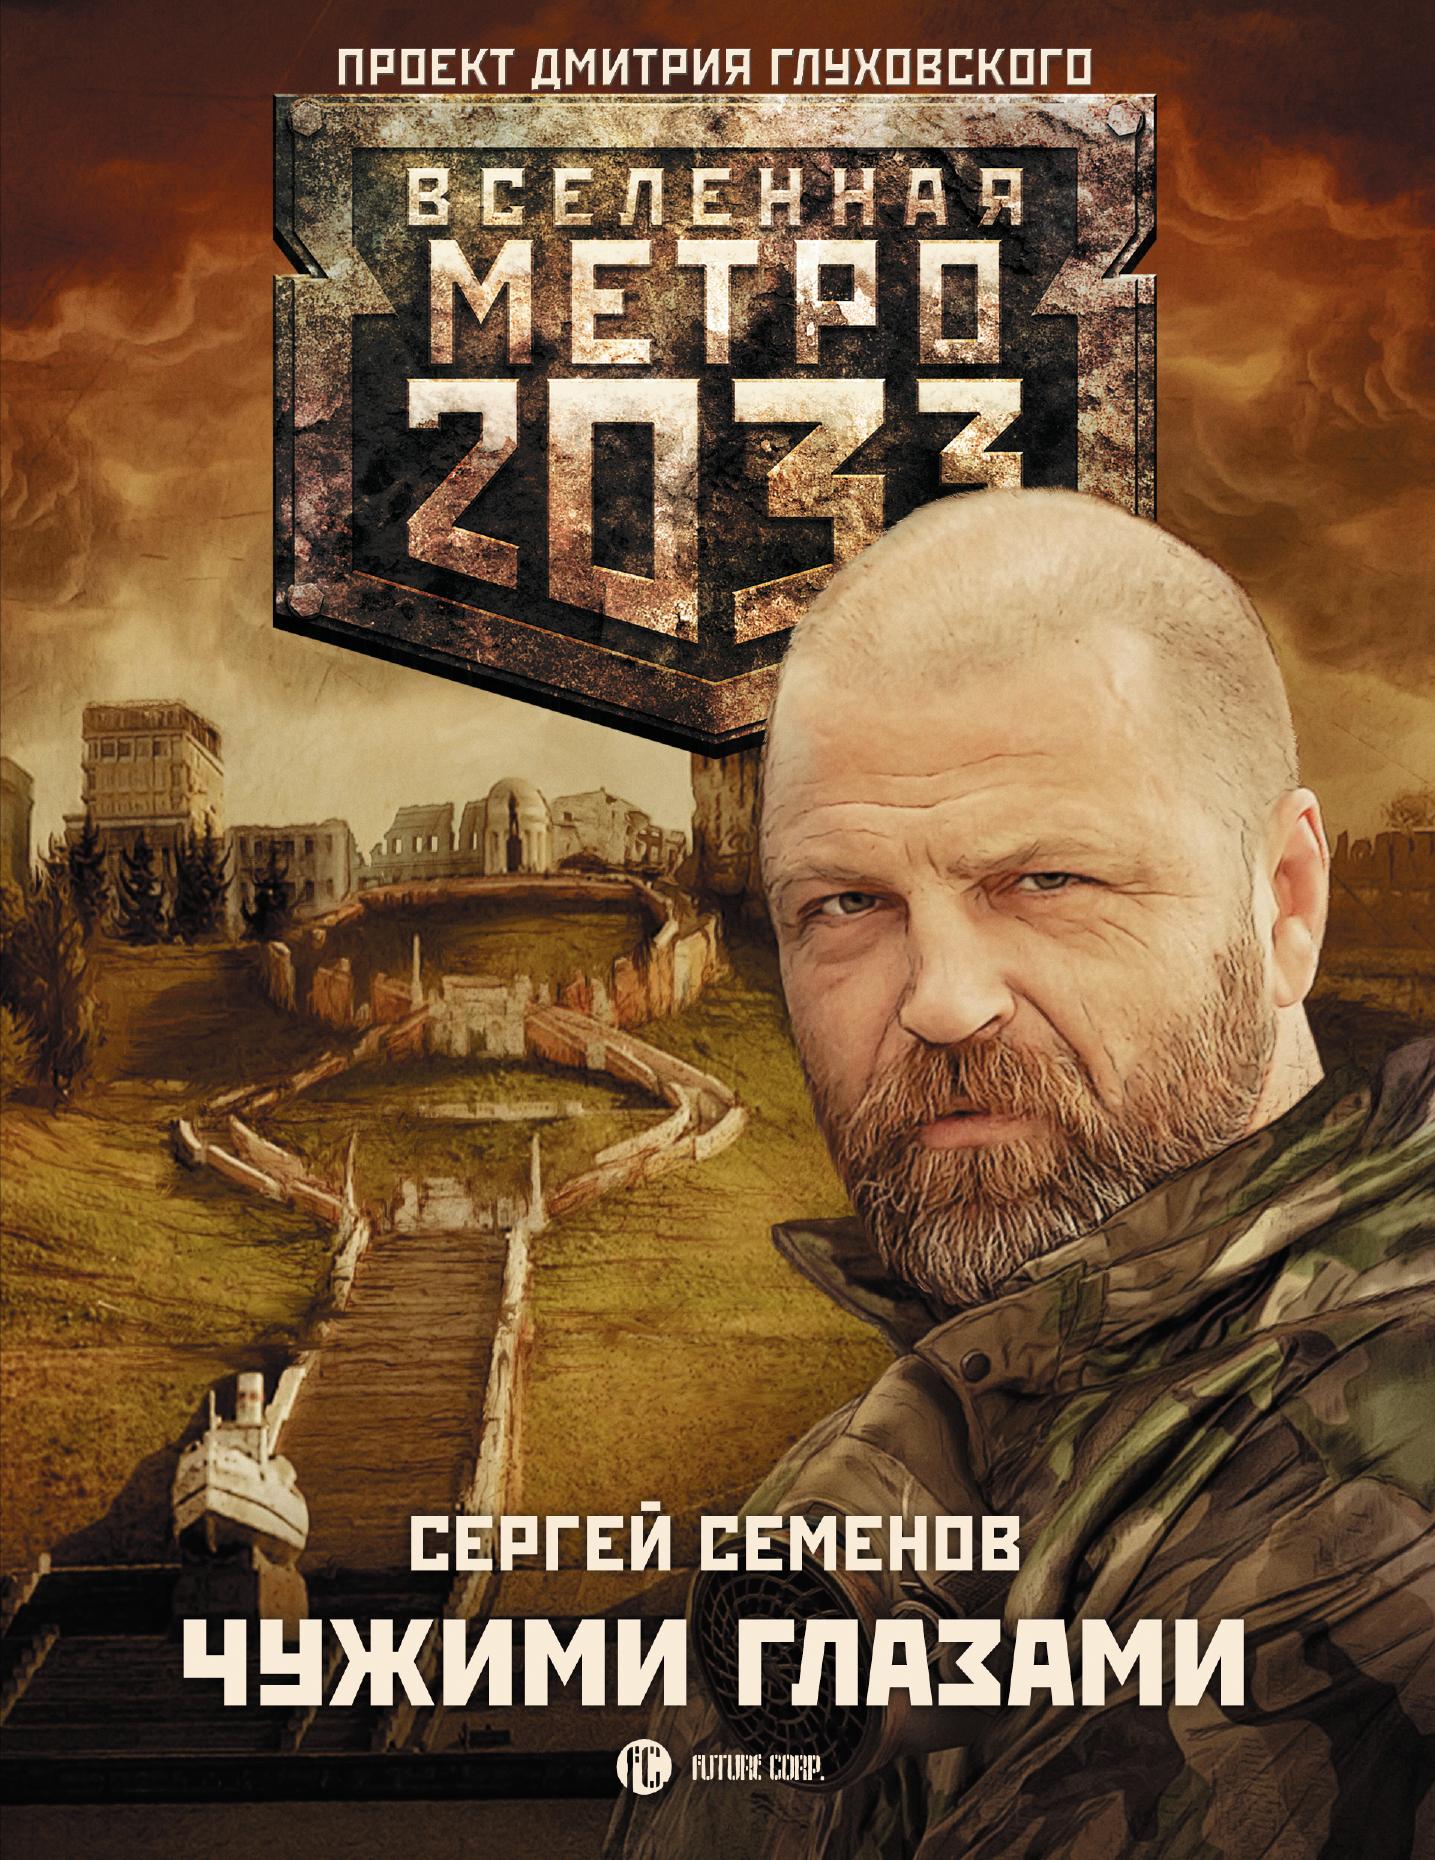 Семенов С.А. Метро 2033: Чужими глазами сергей семенов метро 2033 о чем молчат выжившие сборник